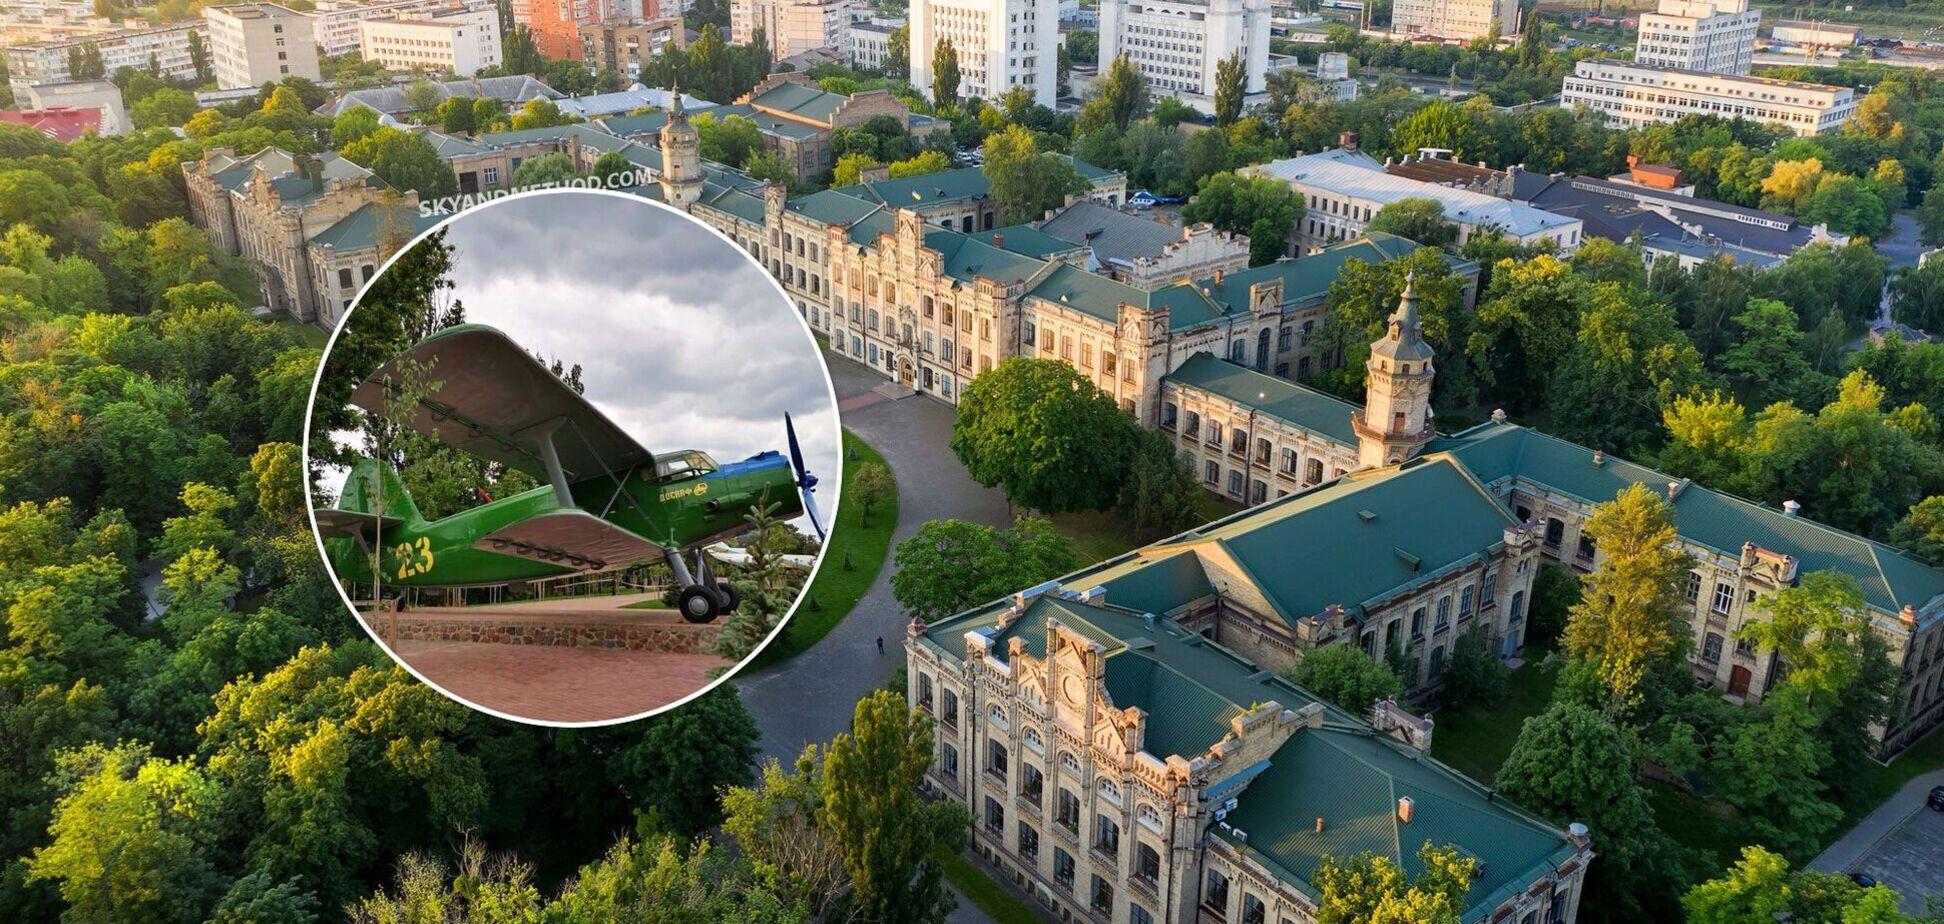 В Киеве возле КПИ установили памятник знаменитому самолету-рекордсмену АН-2